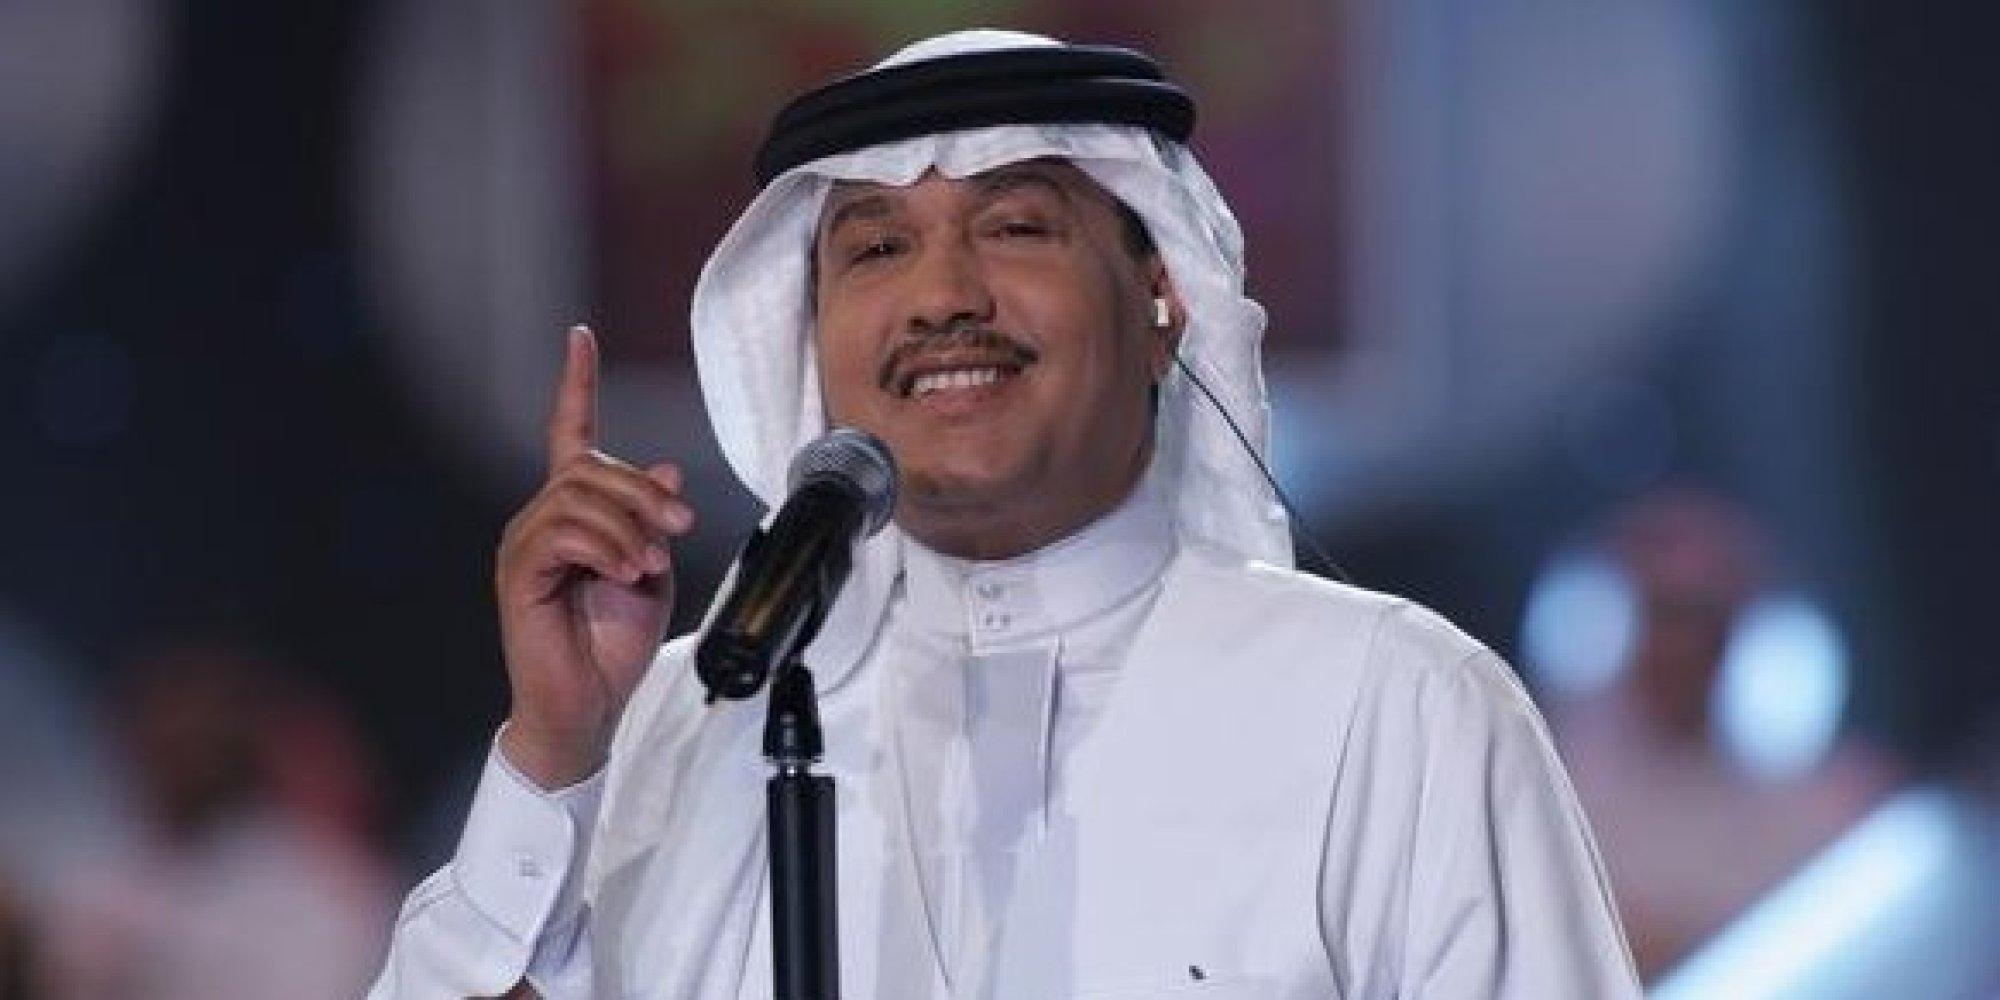 أسعار تذاكر حفل محمد عبده في جدة وشروط الحضور